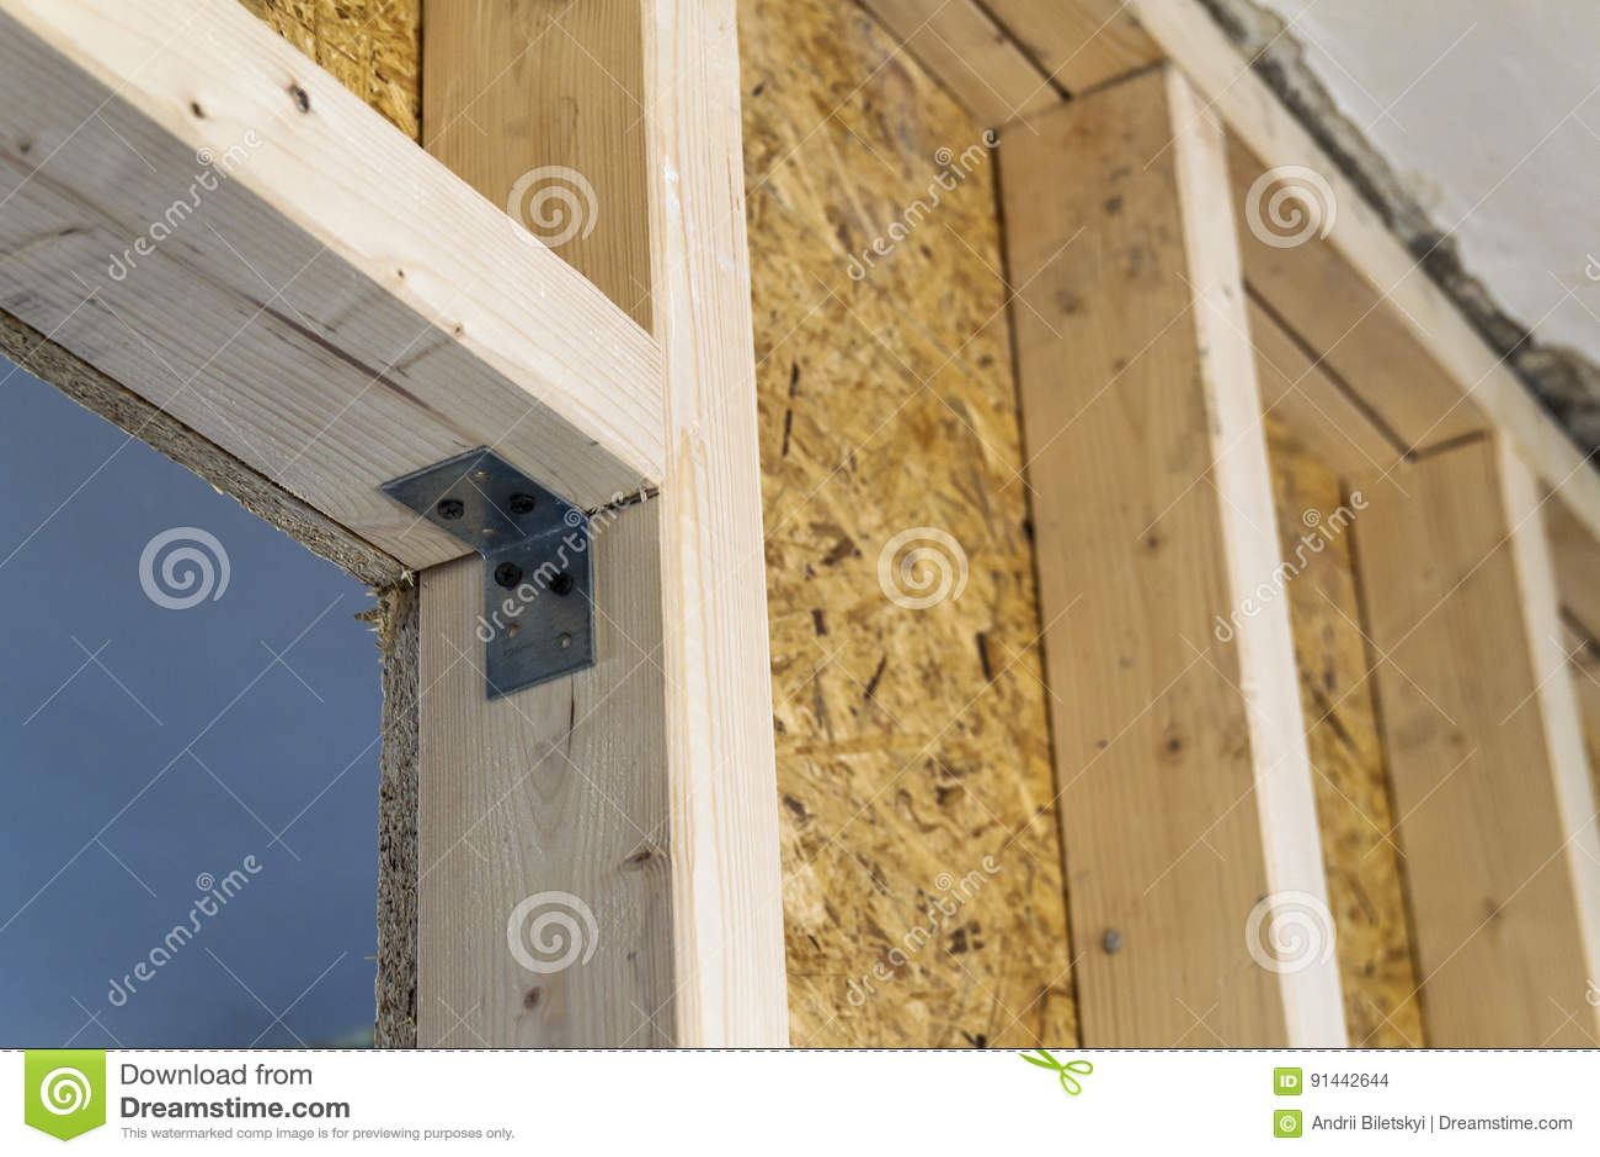 Chiuda sul dettaglio degli elementi di legno della parete for Porte della casa di tronchi